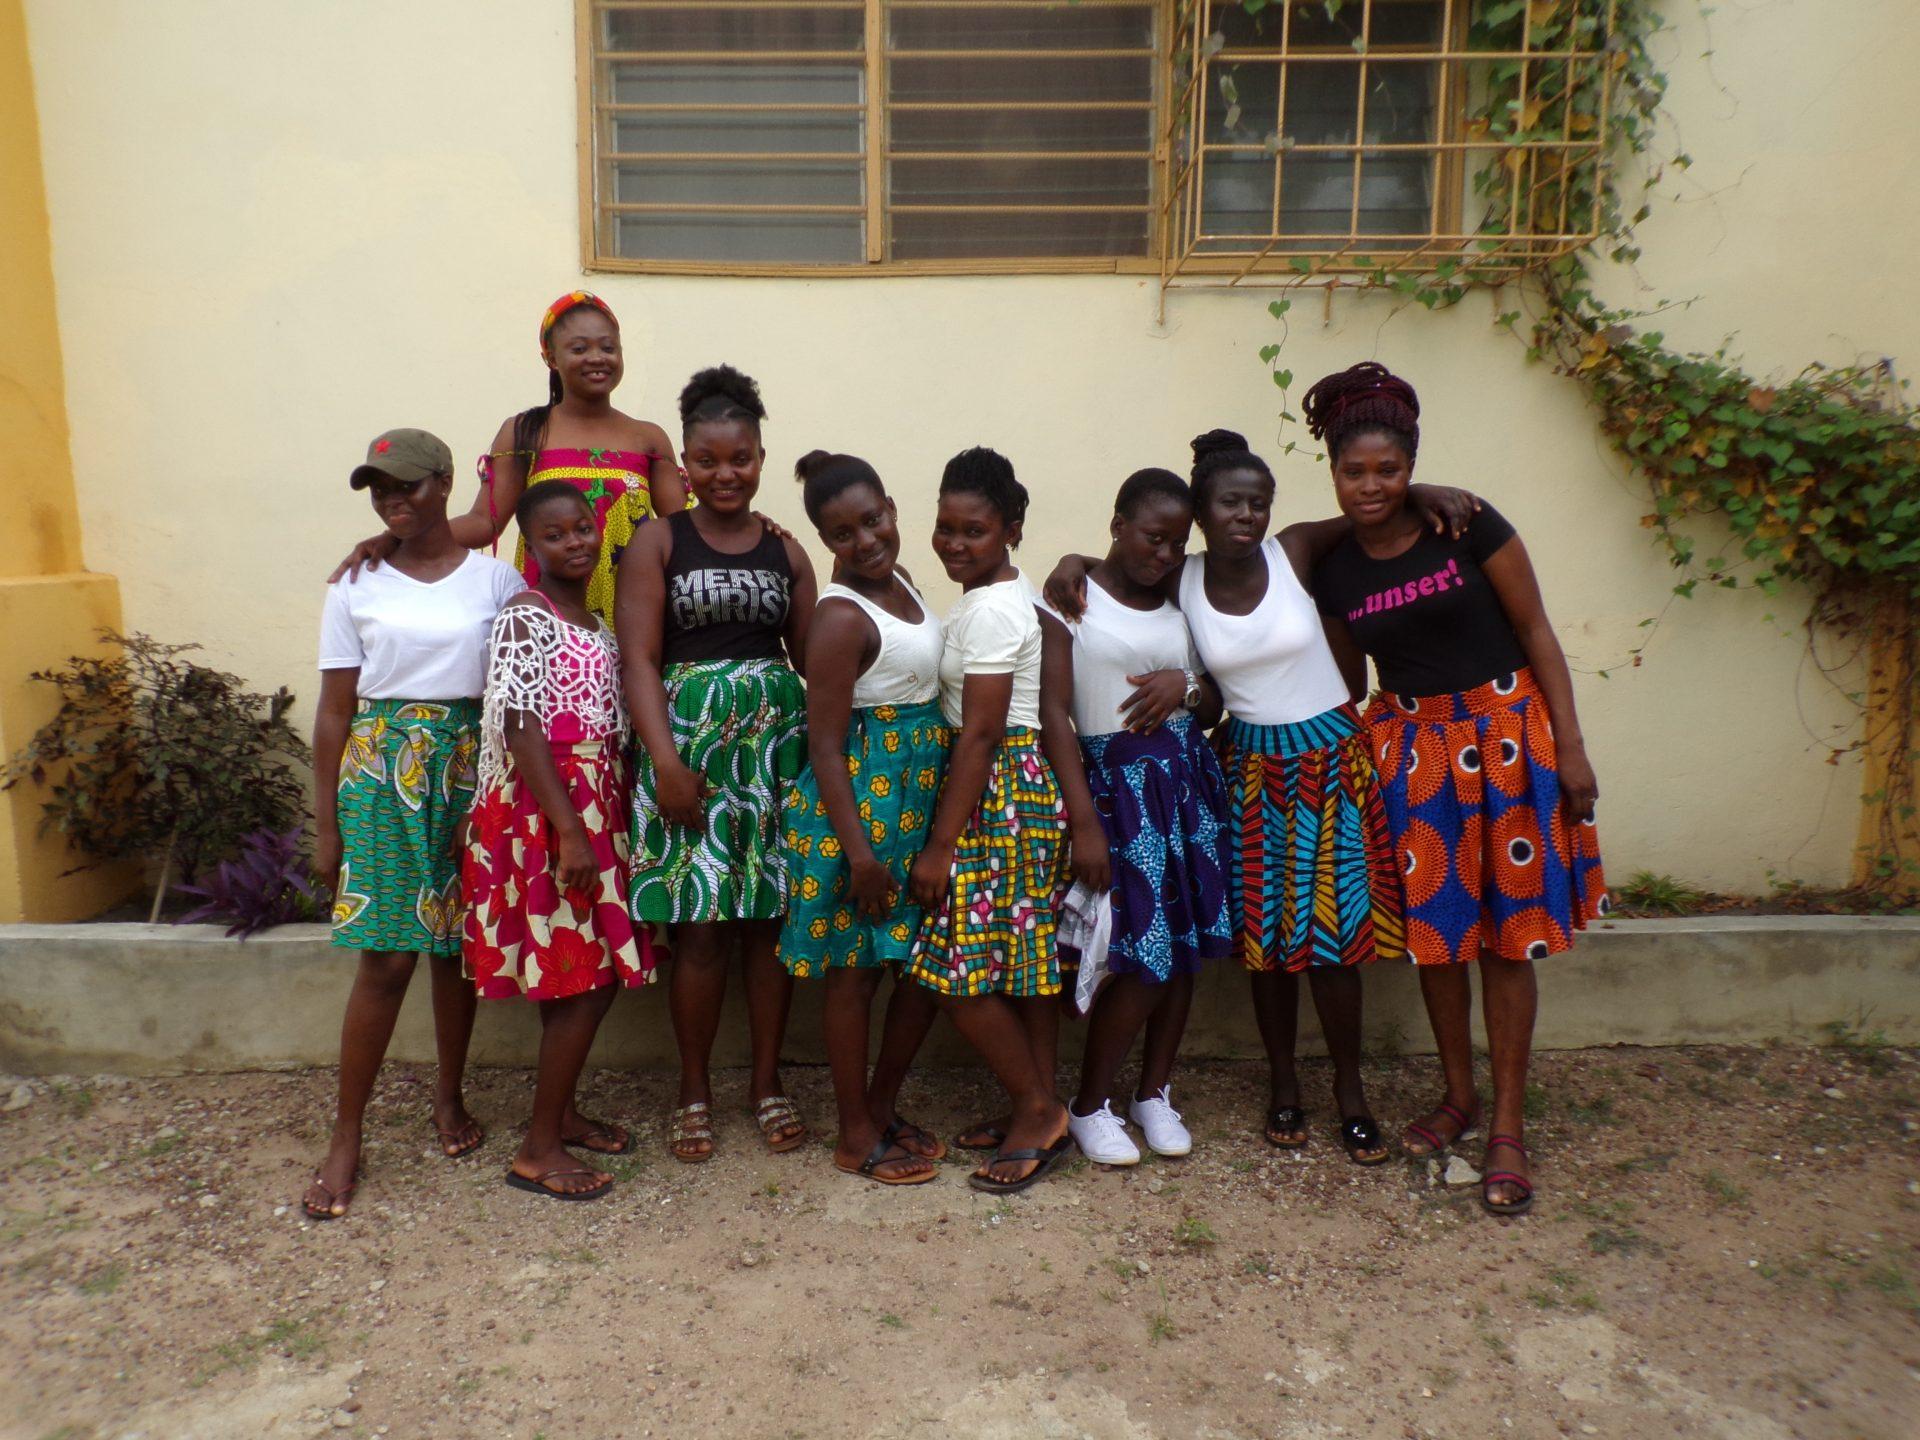 Klassenfoto van meisjes in Oeganda in zelfgemaakt rokjes.